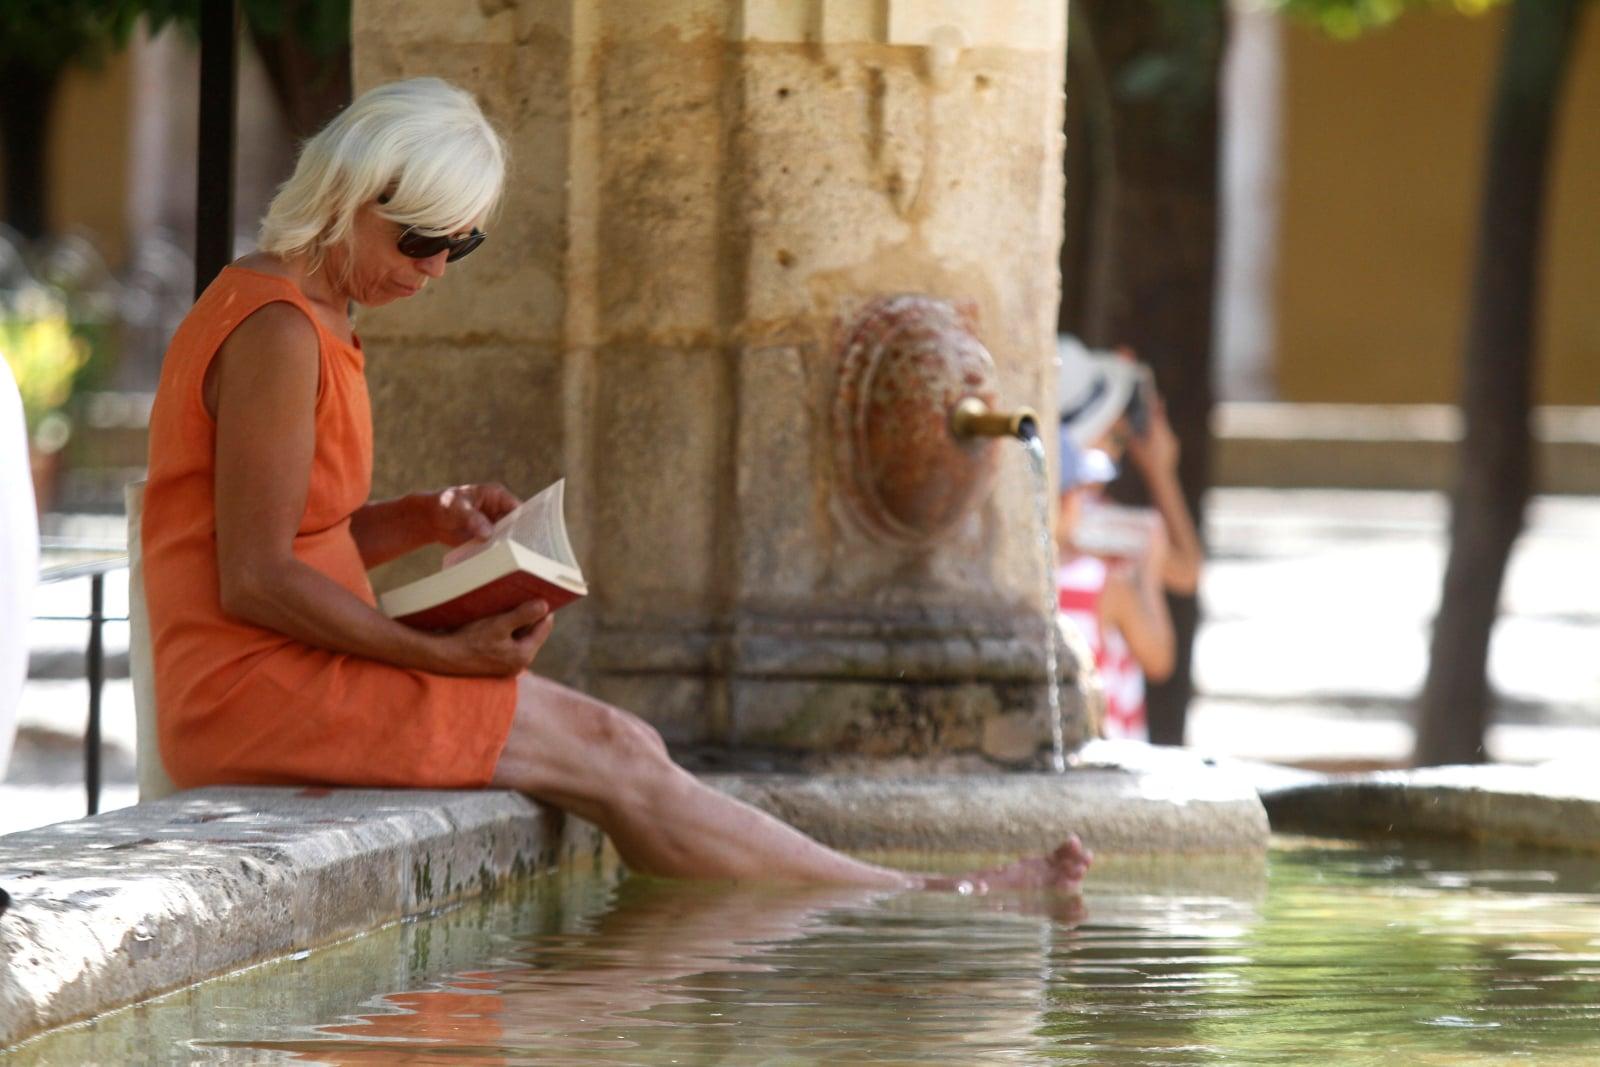 Kobieta czytająca książkę w trakcie wysokich upałów w Kordobie, w południowej Hiszpanii, fot. EPA/SALAS